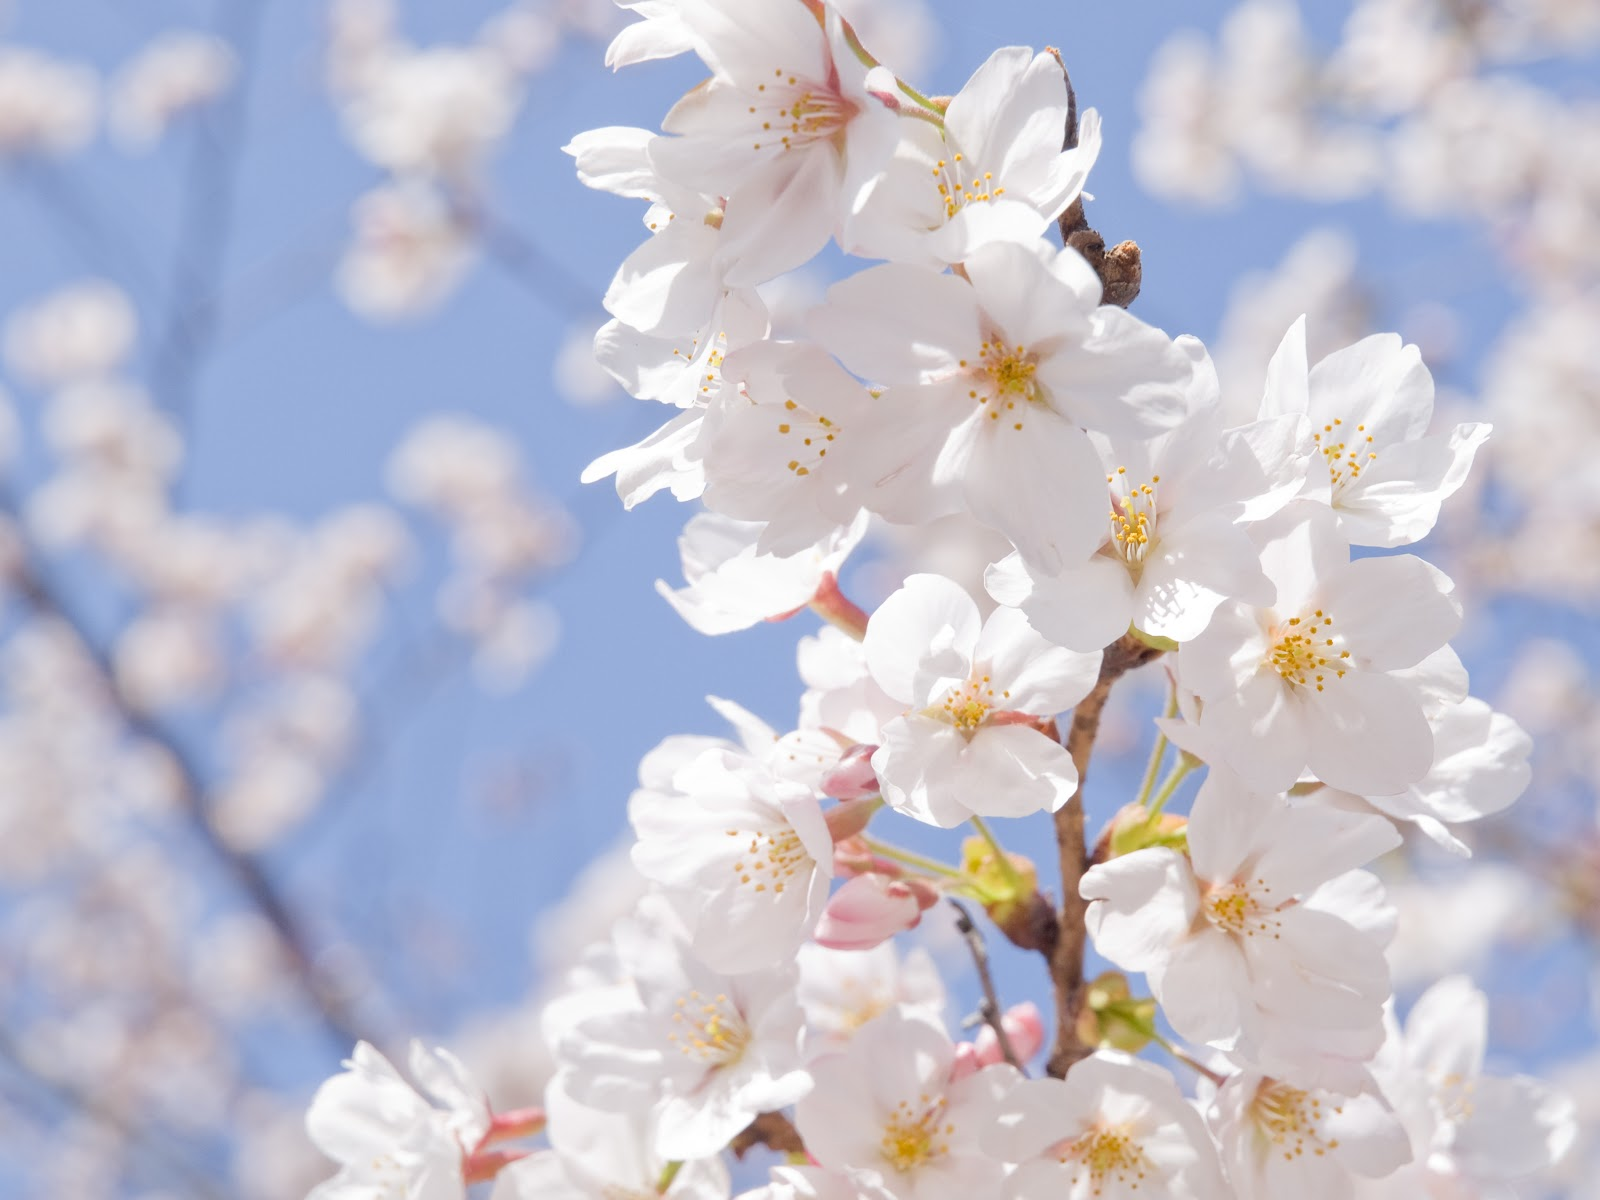 Jasne myślenie na wiosnę